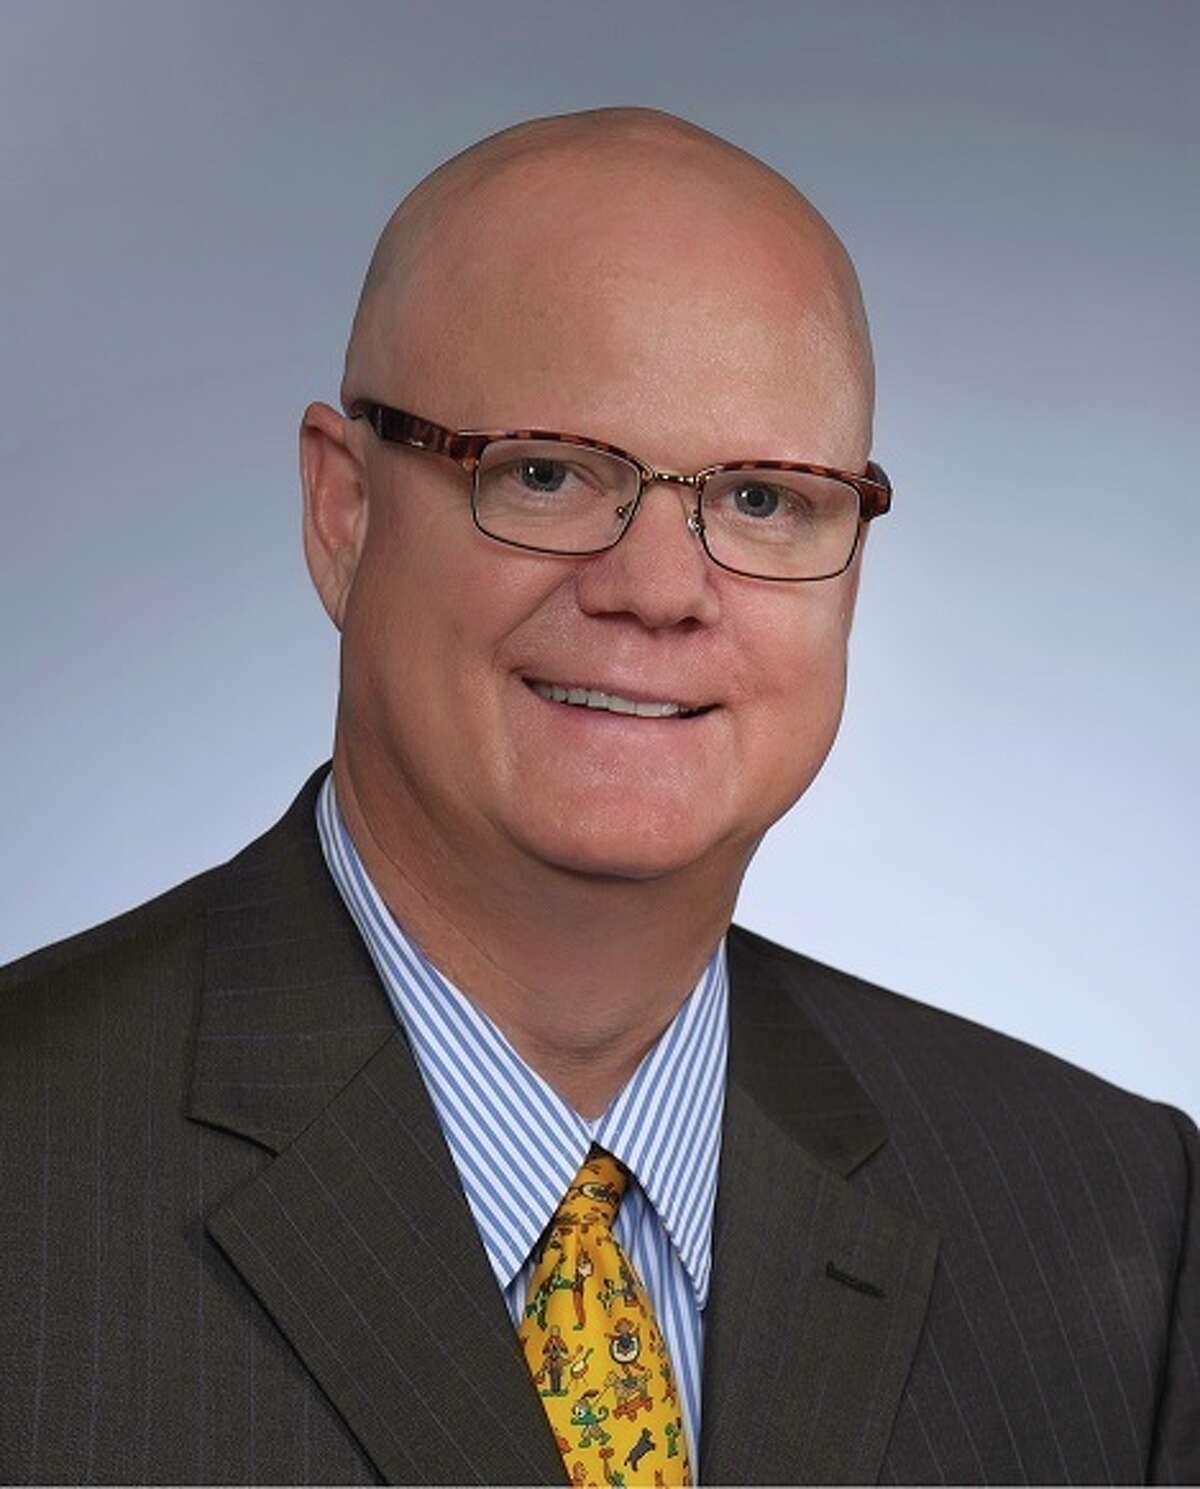 Third-generation banker Chuck Hall works at Matterhorn Capital Management.